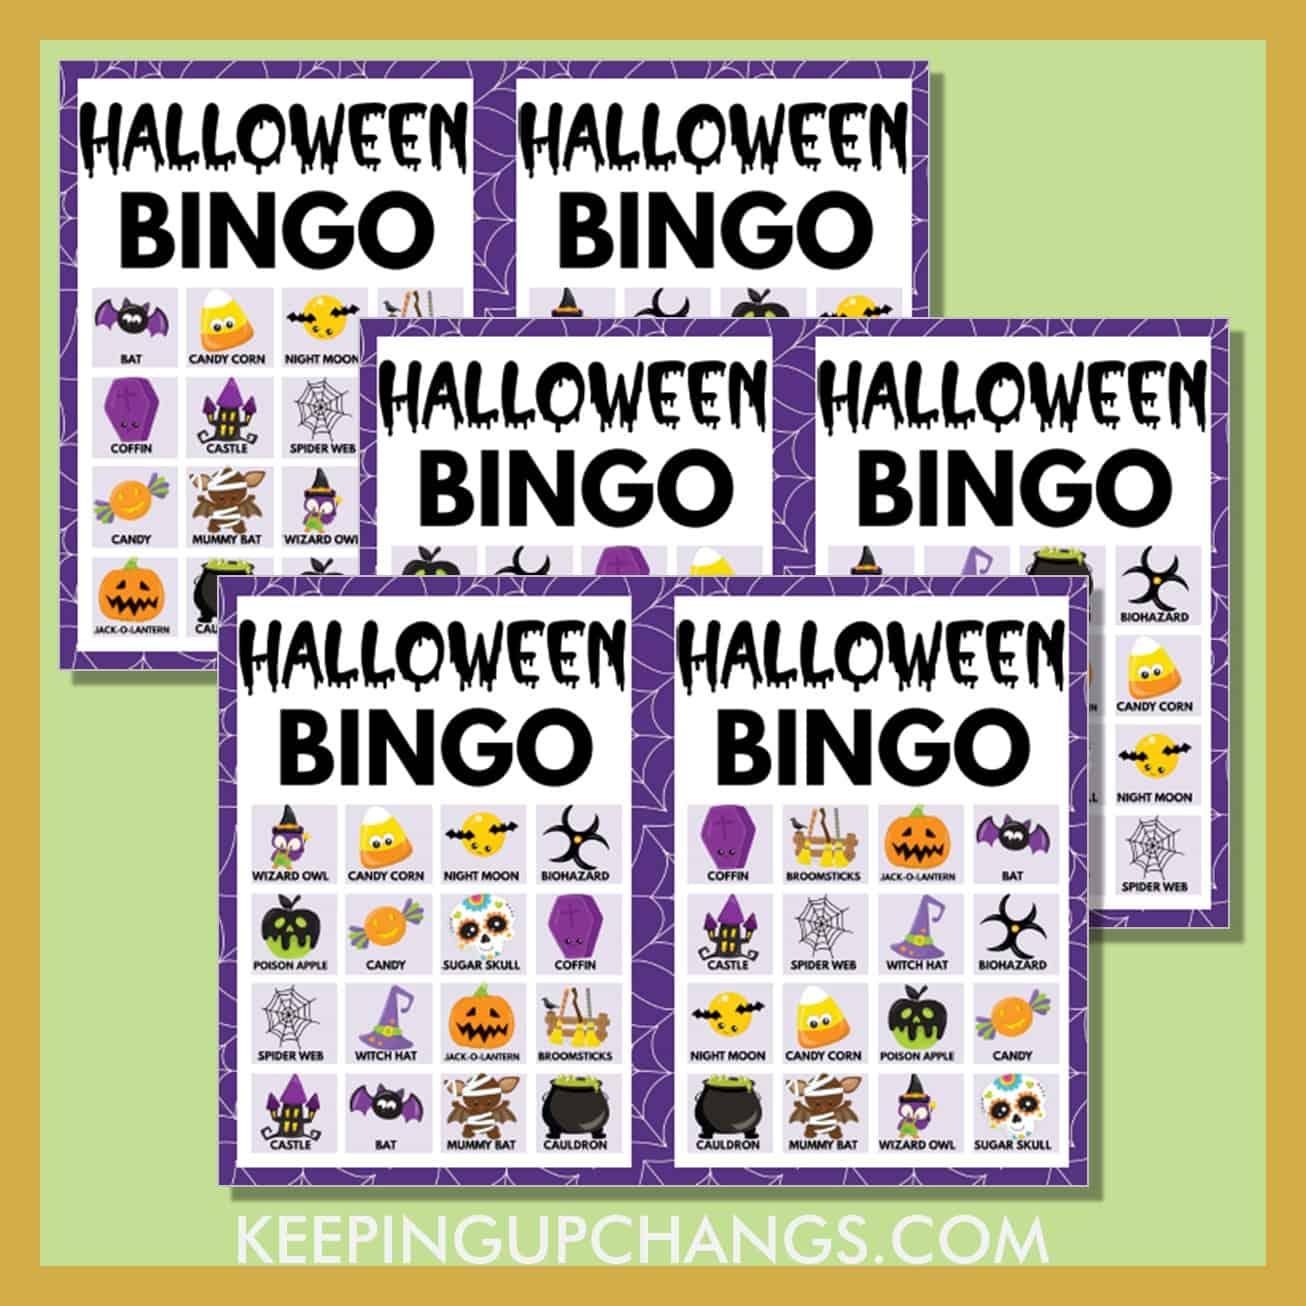 free fall halloween bingo 4x4 game cards.